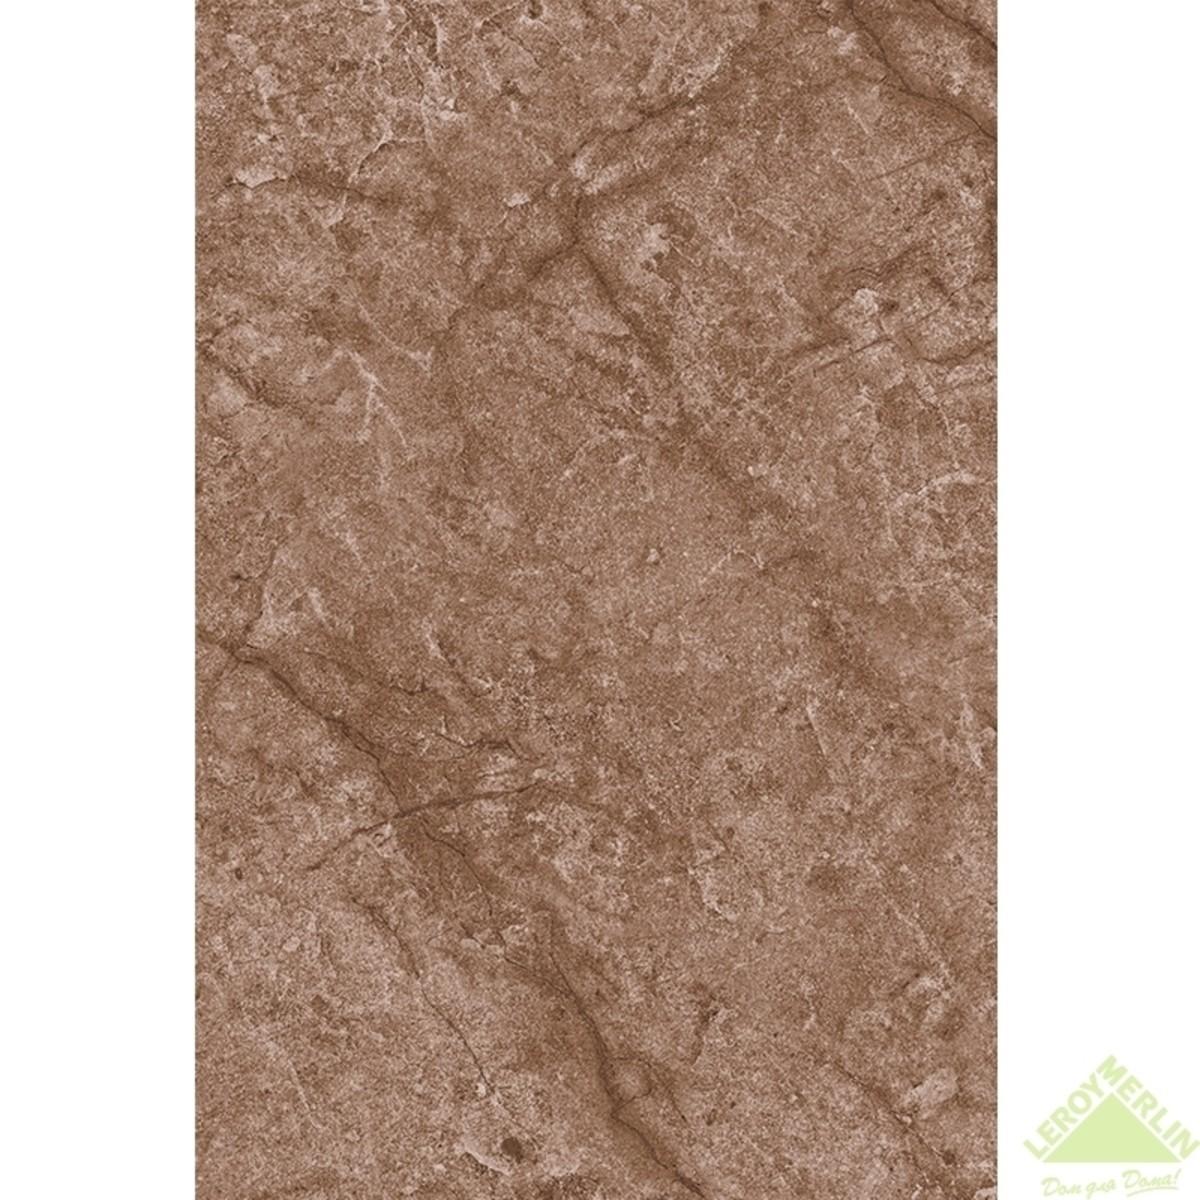 Плитка настенная Альпы низ цвет коричневый 20х30 см 144 м2